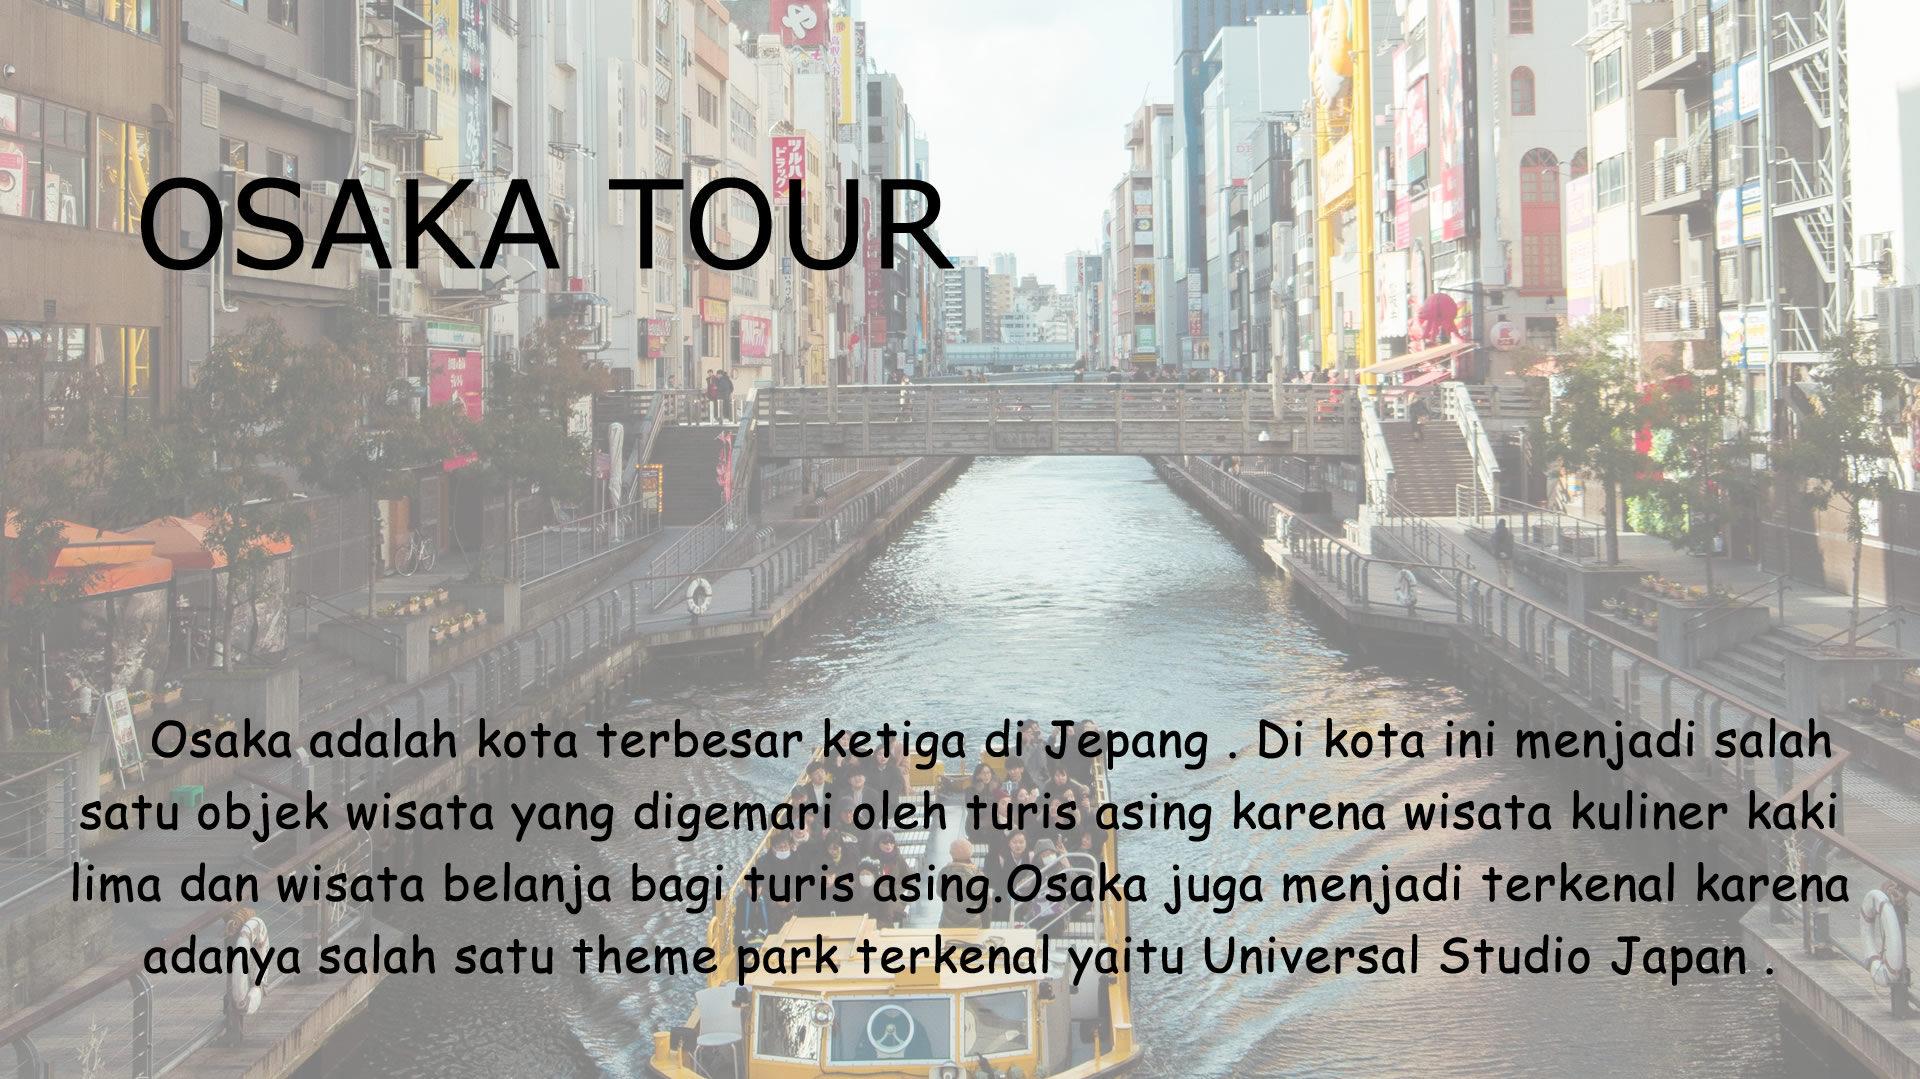 Osaka adalah kota terbesar ketiga di Jepang . Di kota ini menjadi salah satu objek wisata yang digemari oleh turis asing karena wisata kuliner kaki lima dan wisata belanja bagi turis asing.Osaka juga menjadi terkenal karena adanya salah satu theme park terkenal yaitu Universal Studio Japan .